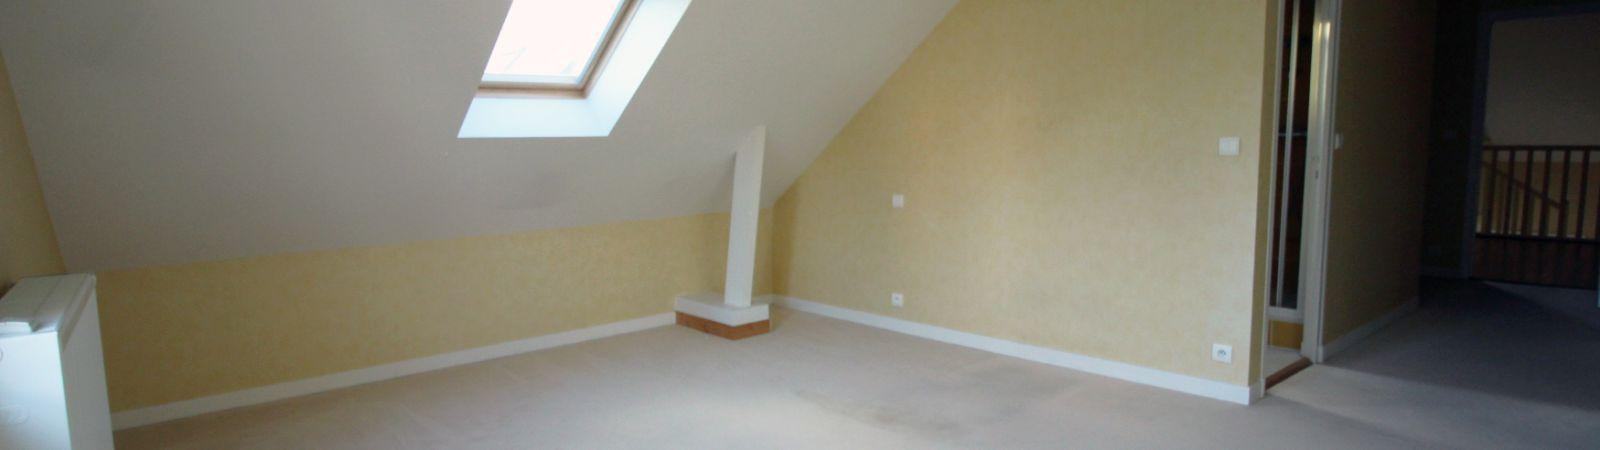 photo 8: Emplacement privilégié pour cet appartement de standing en duplex